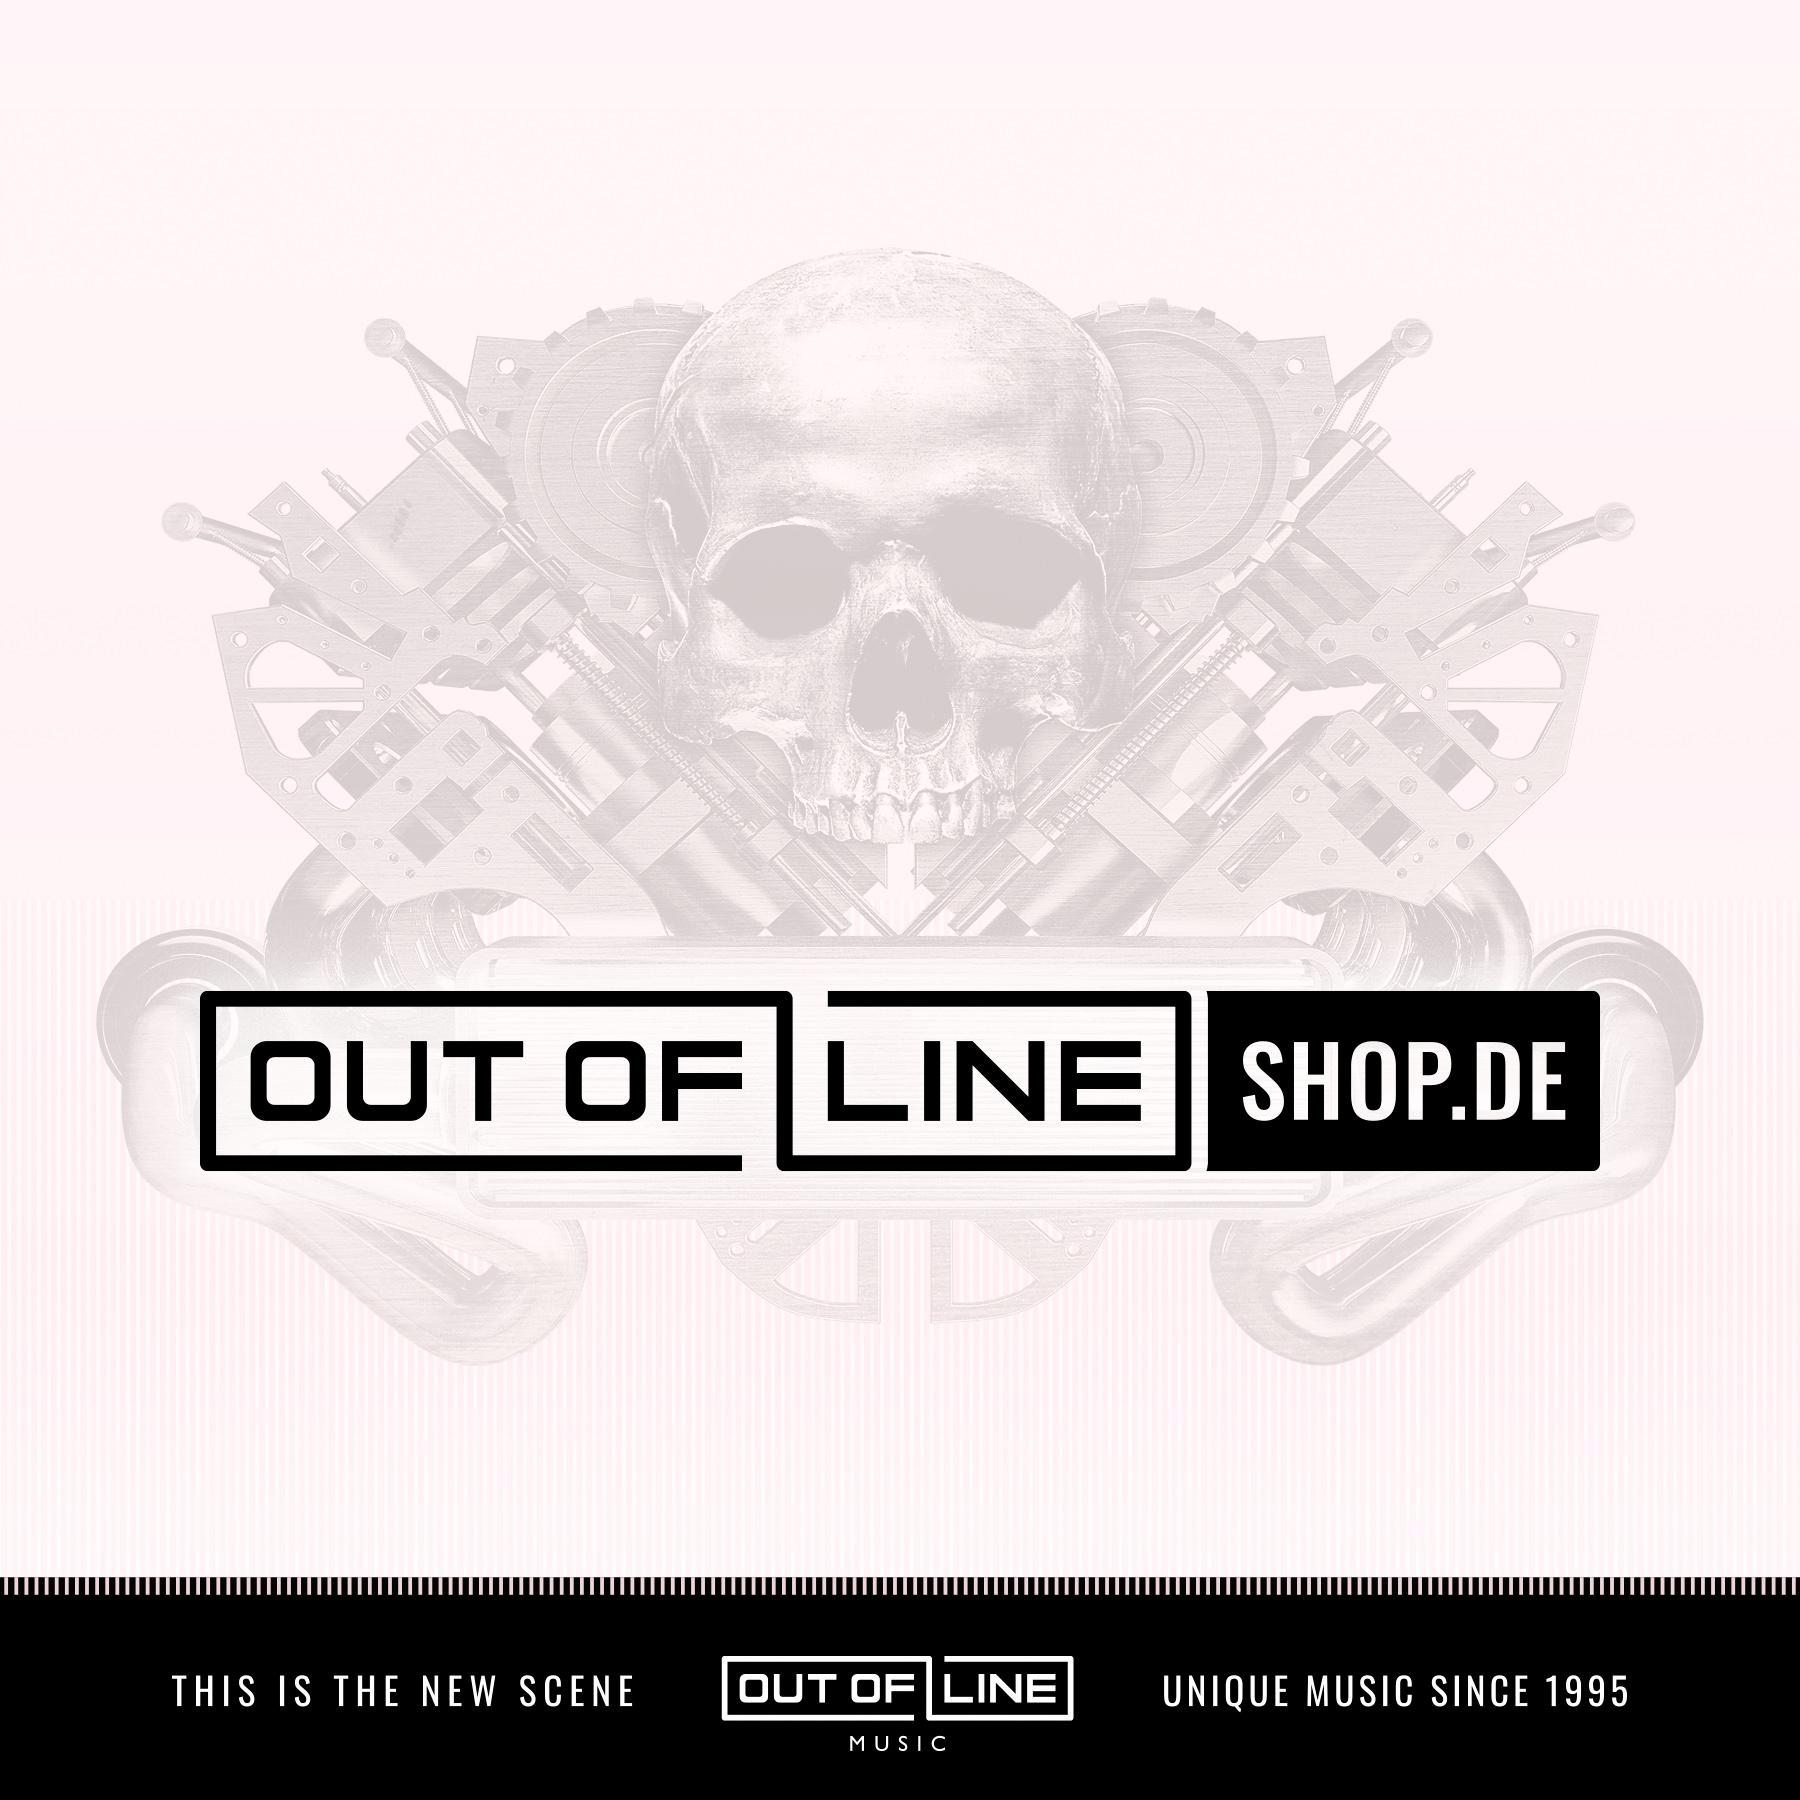 Blutengel - Logo - Heckscheibenaufkleber - car window decal (außen/exterior)